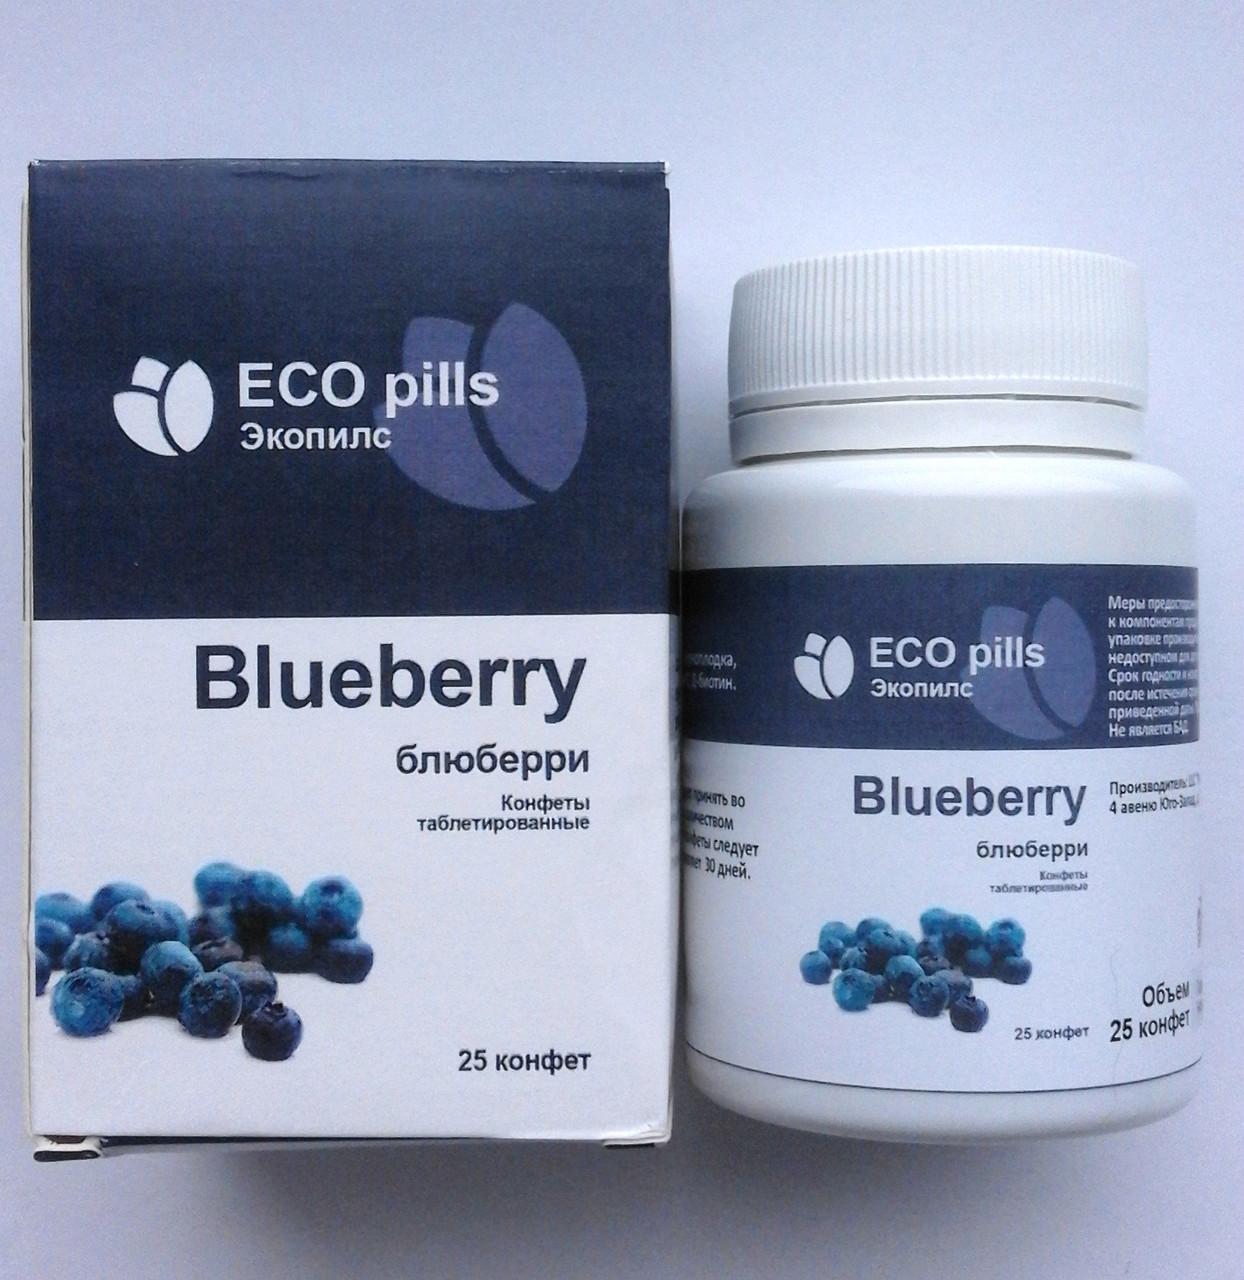 EcoPills Blueberry - Конфеты таблетированные для восстановления зрения 1+1=3